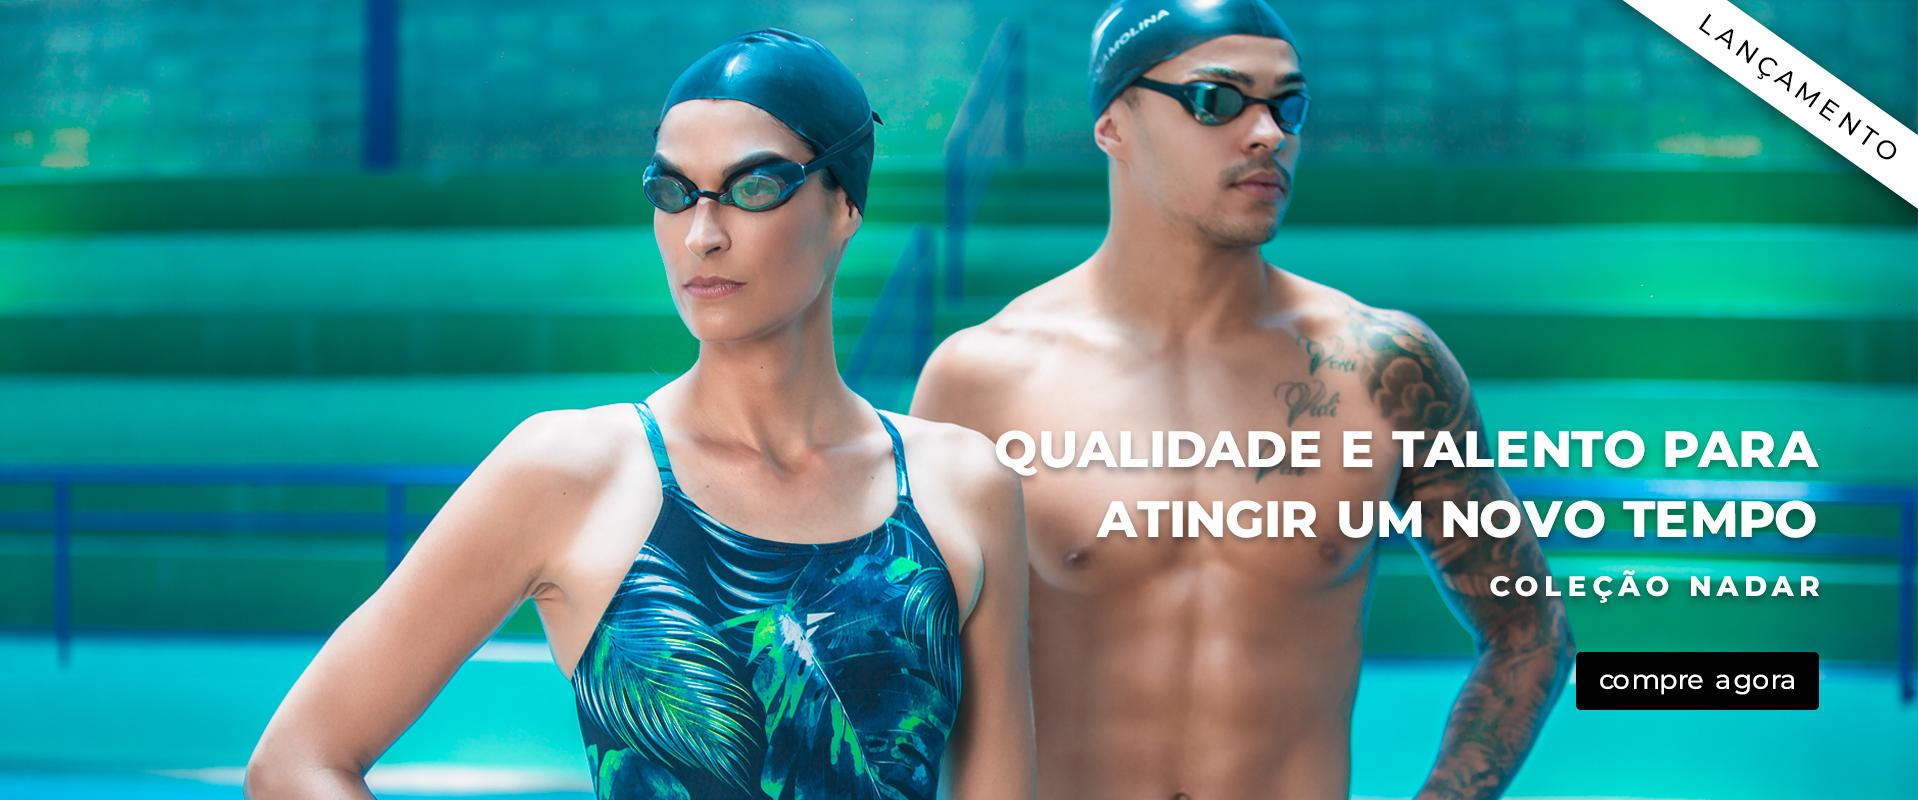 Coleção Nadar - Qualidade